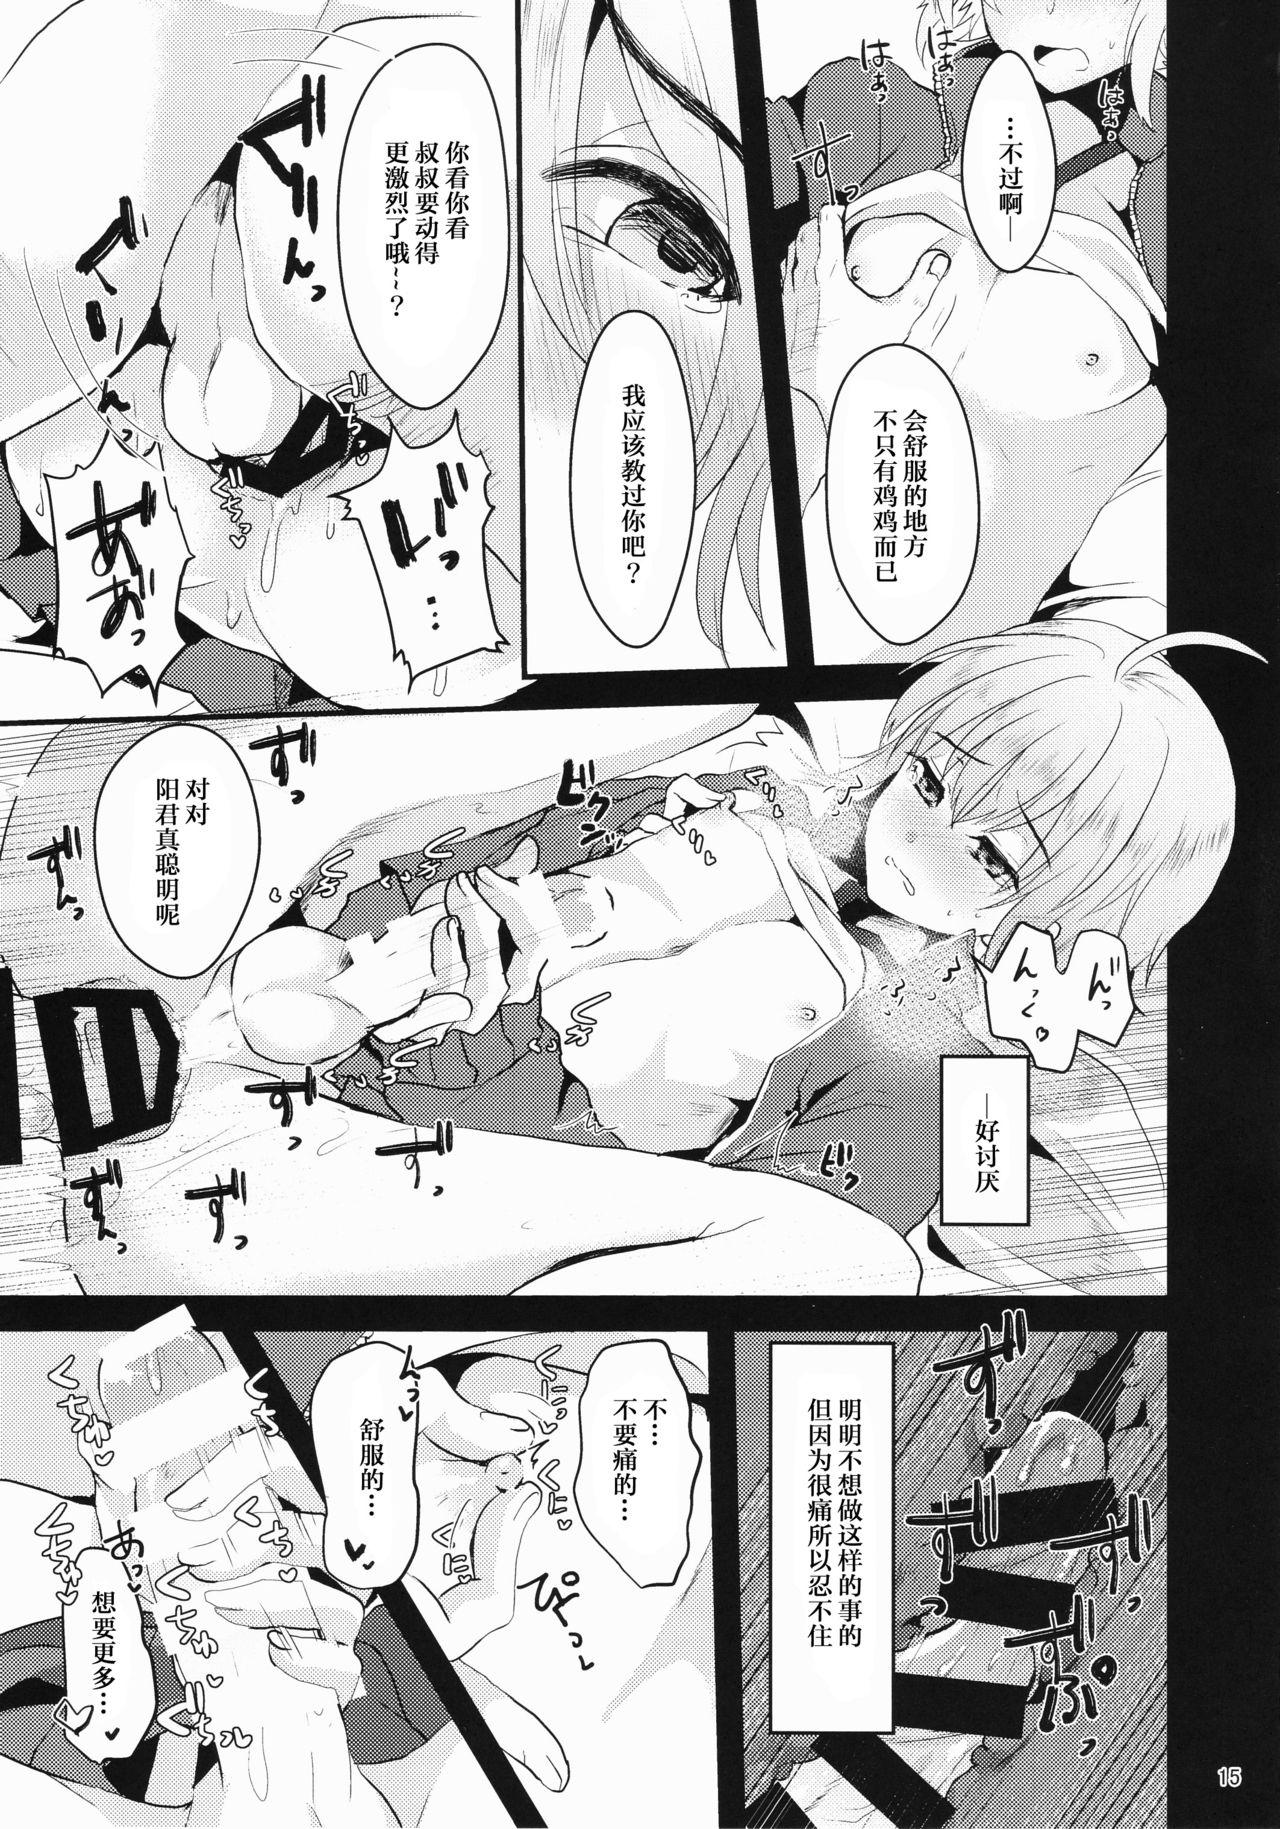 Kimi no Kareshi ni Naru Hazu datta. 1 13